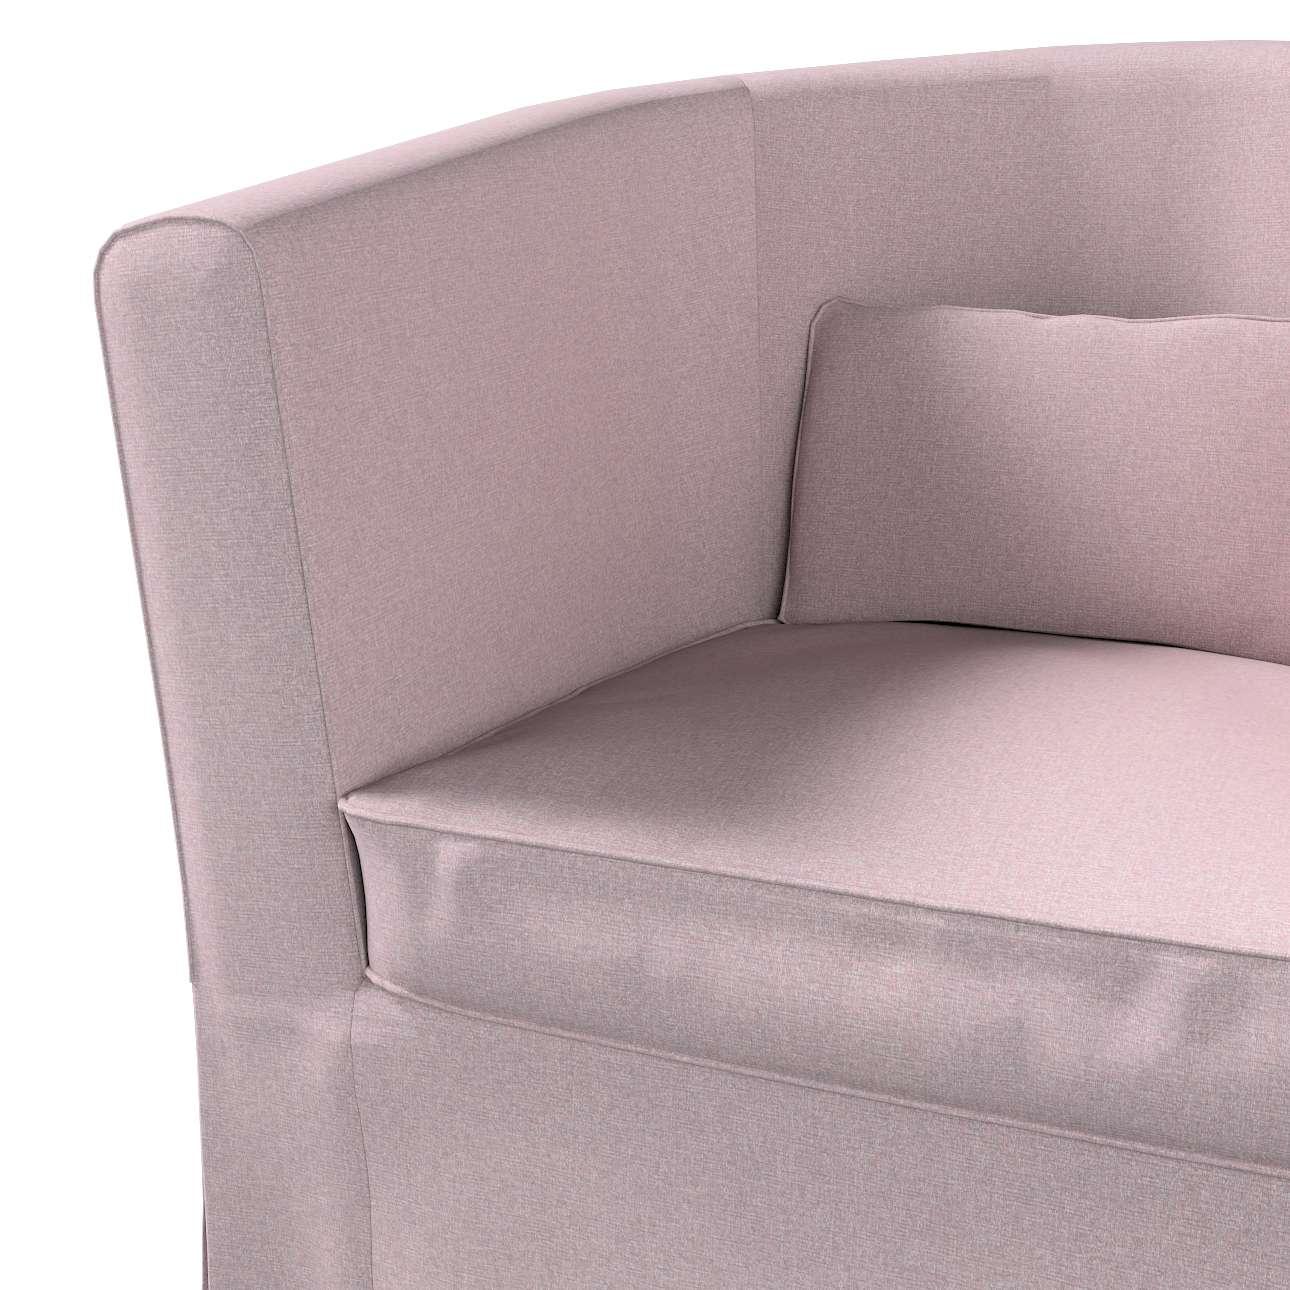 Pokrowiec na fotel Ektorp Tullsta w kolekcji Amsterdam, tkanina: 704-51